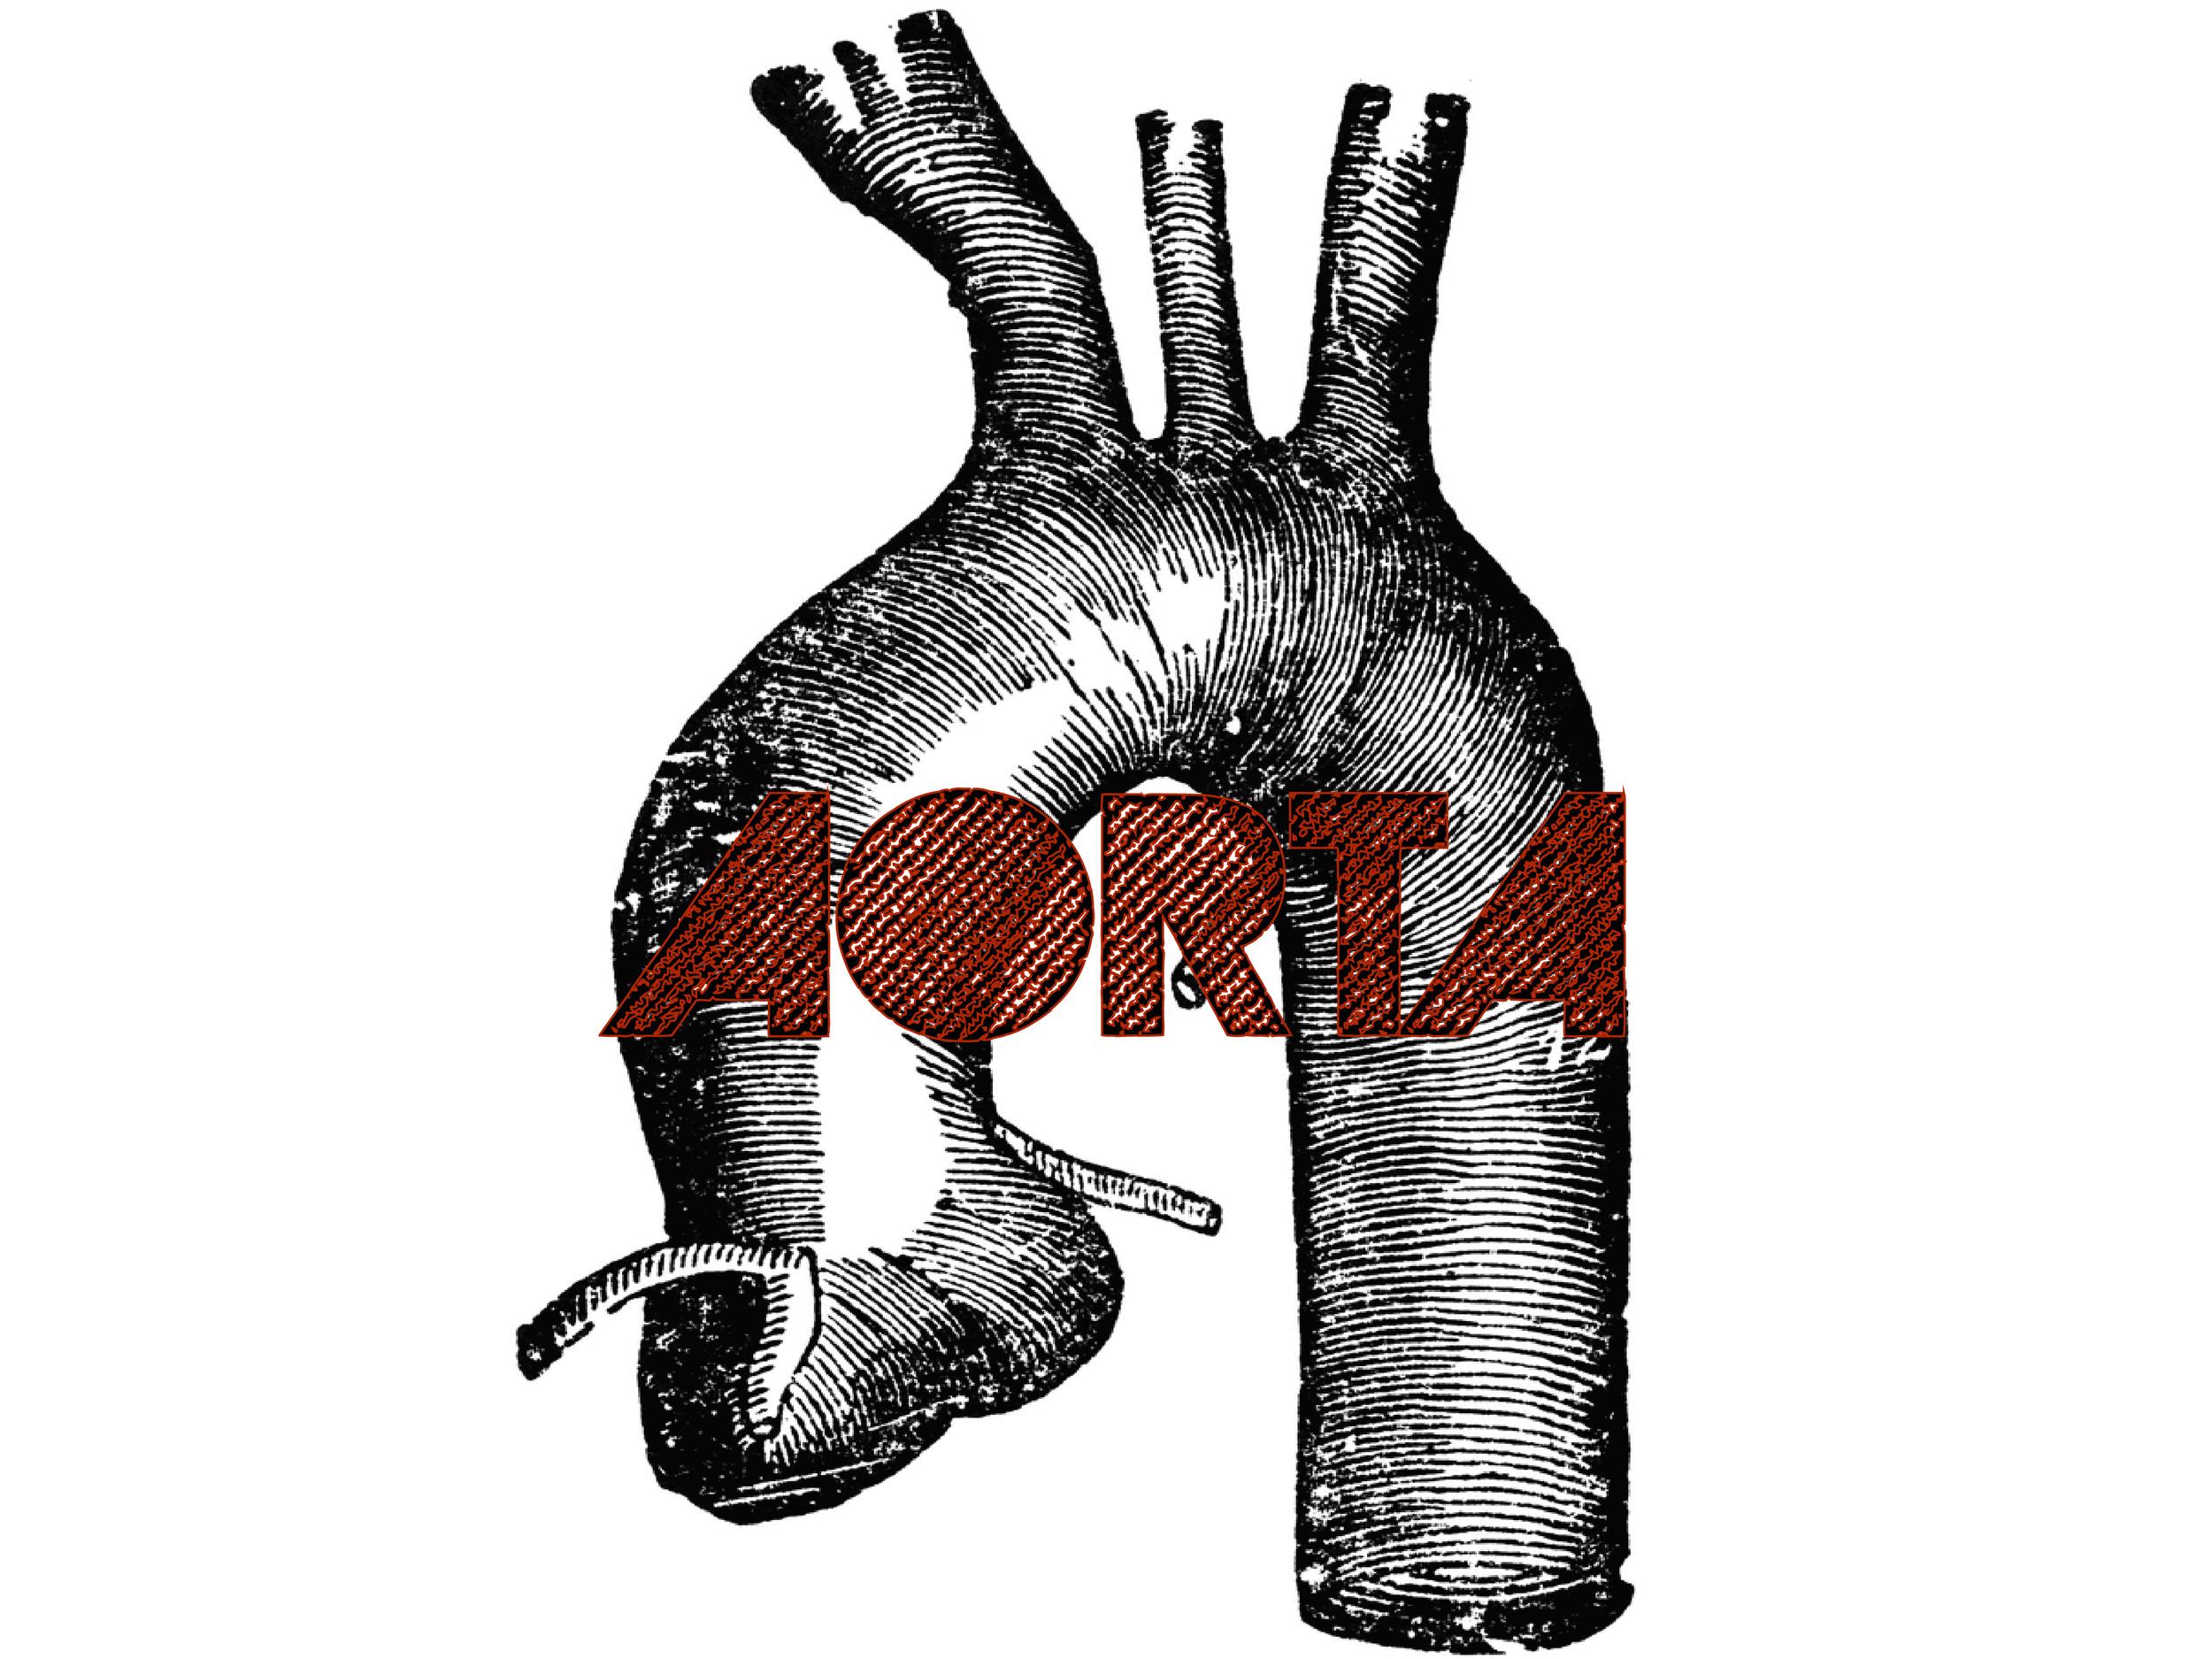 US_Aorta-01.jpg